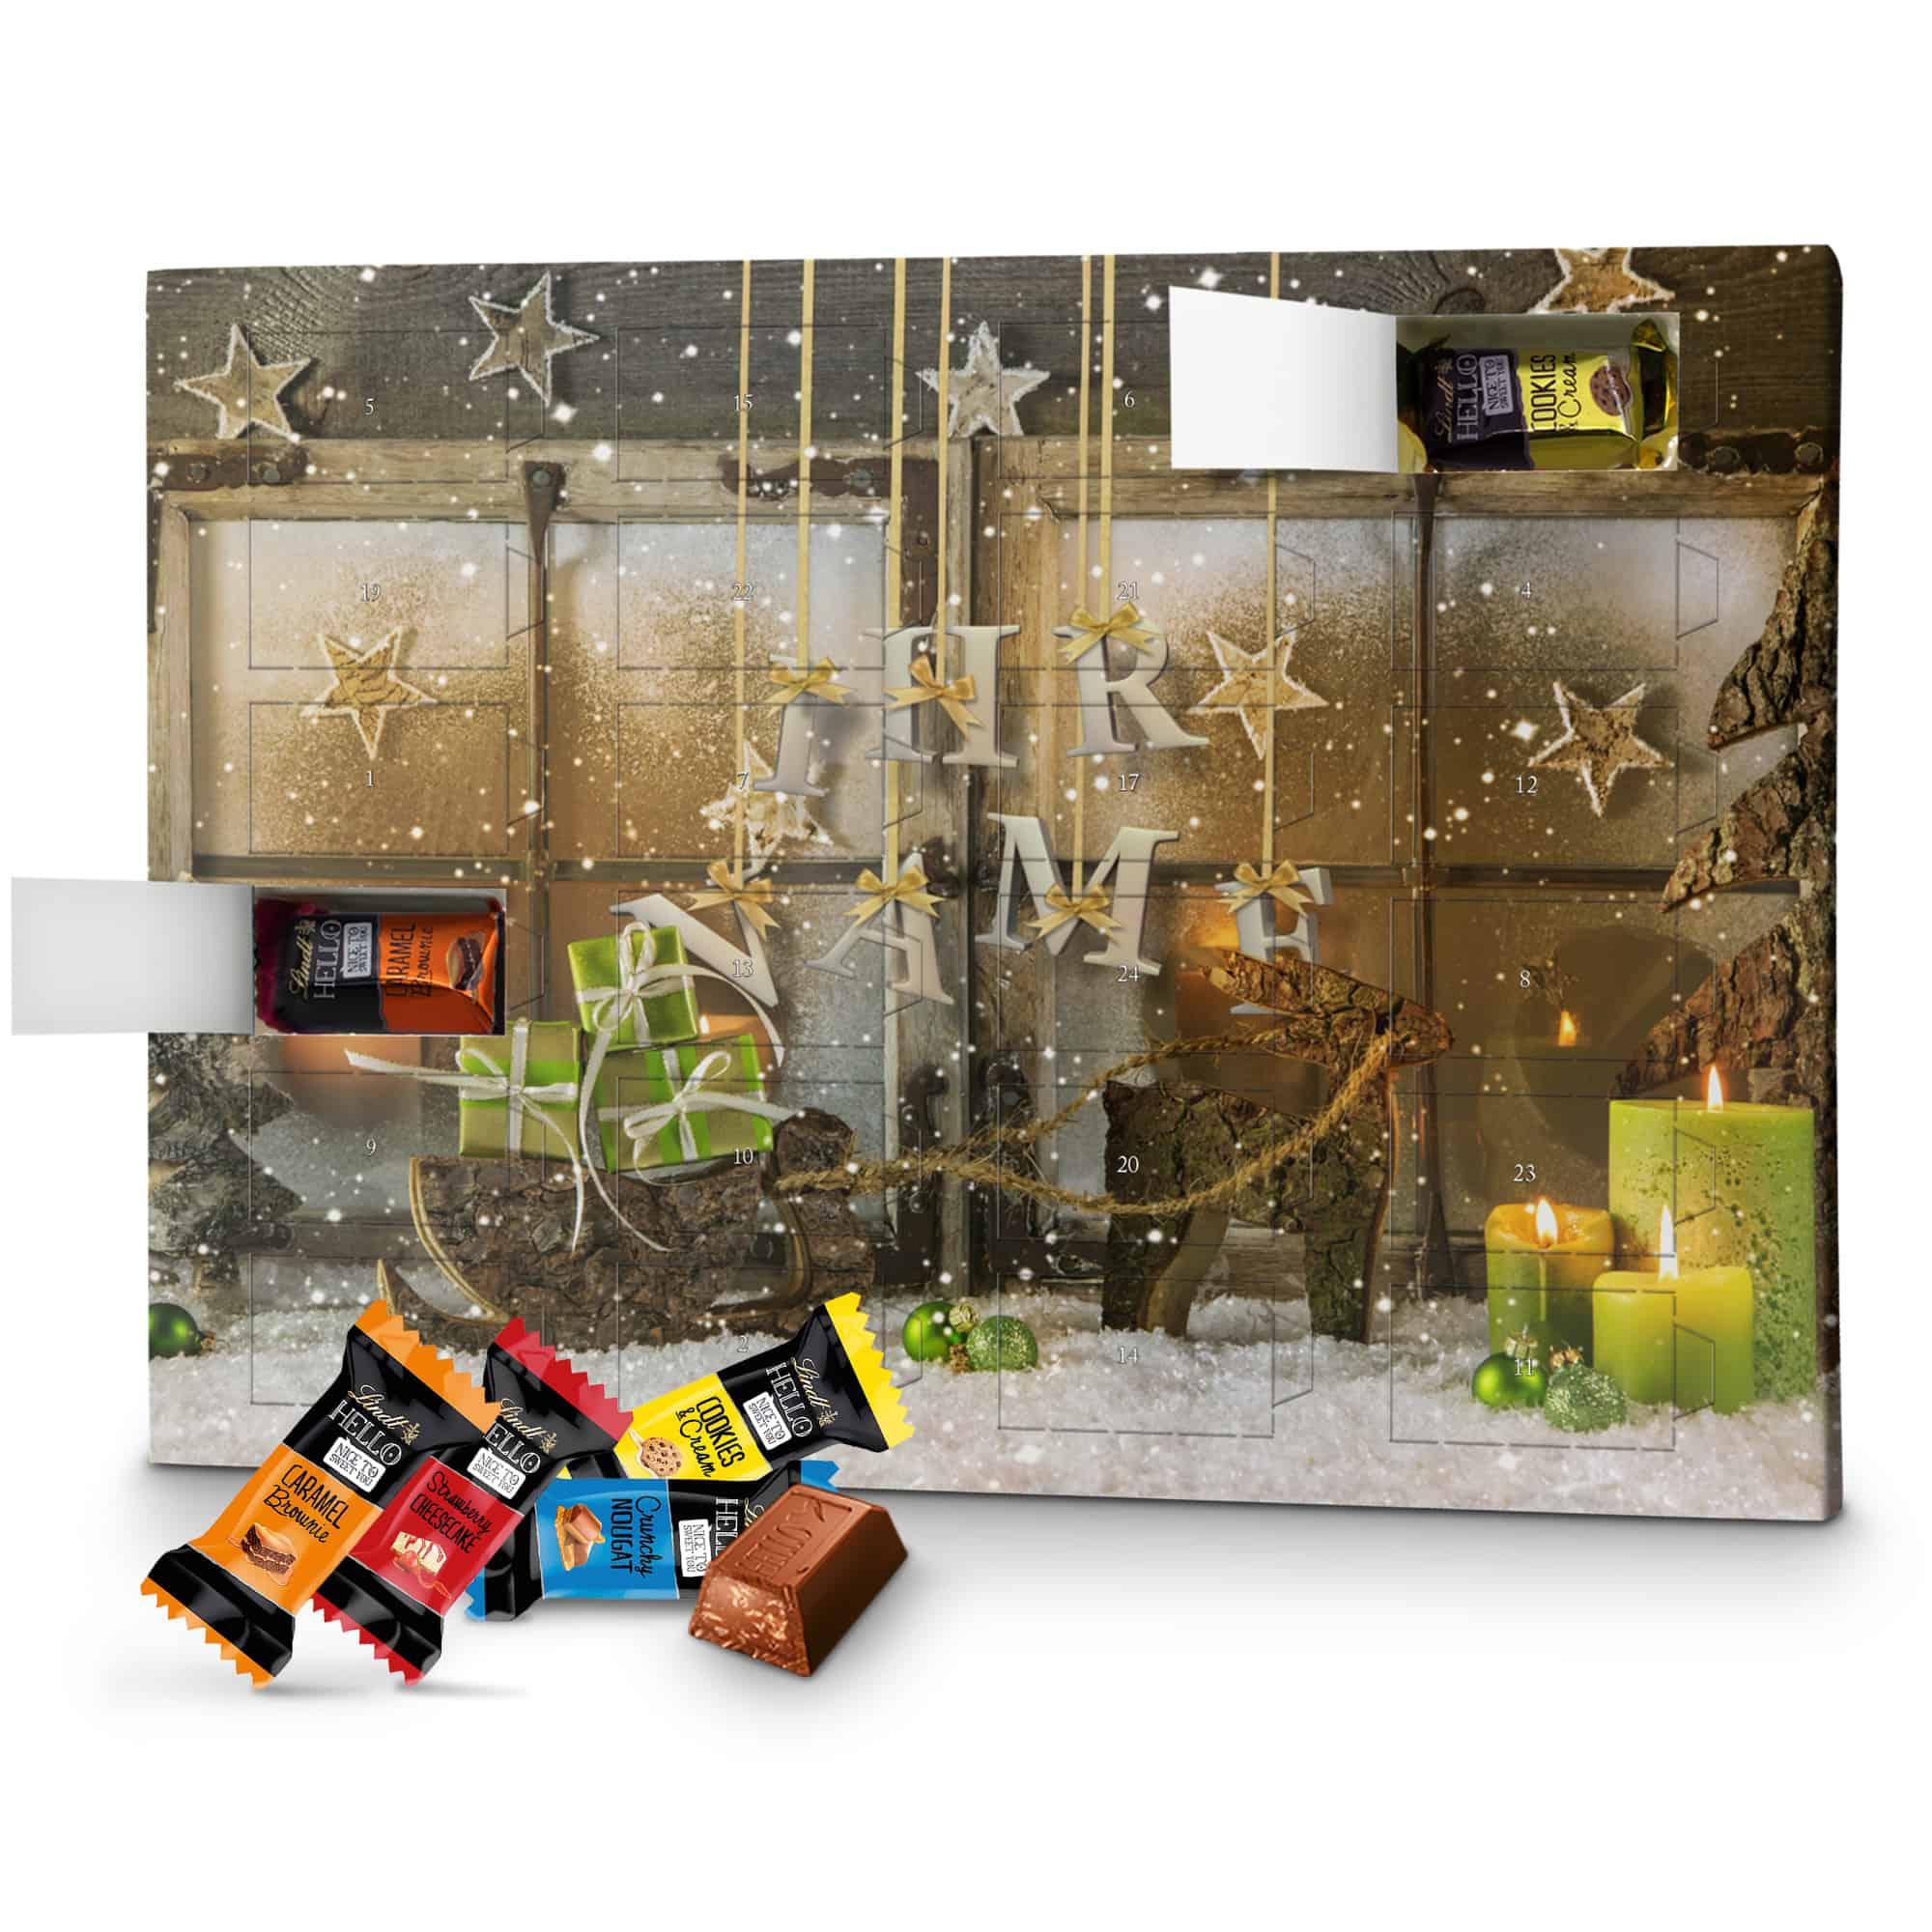 Lindt-Hello-Adventskalender-2461-1_1